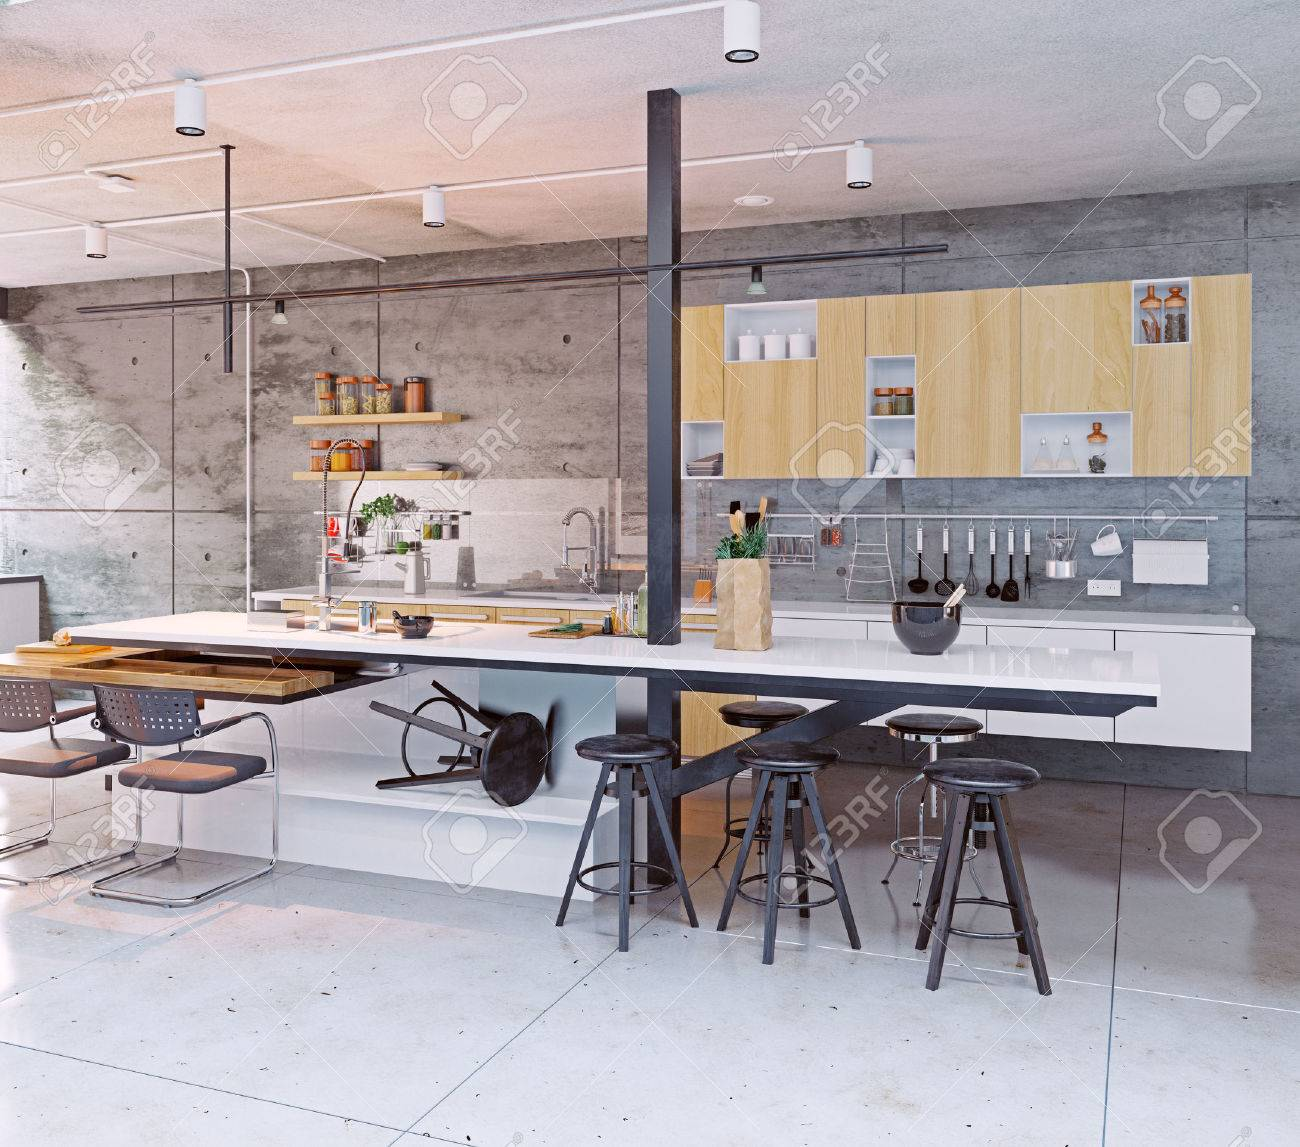 Design d\'intérieur de cuisine contemporaine. Concept 3D